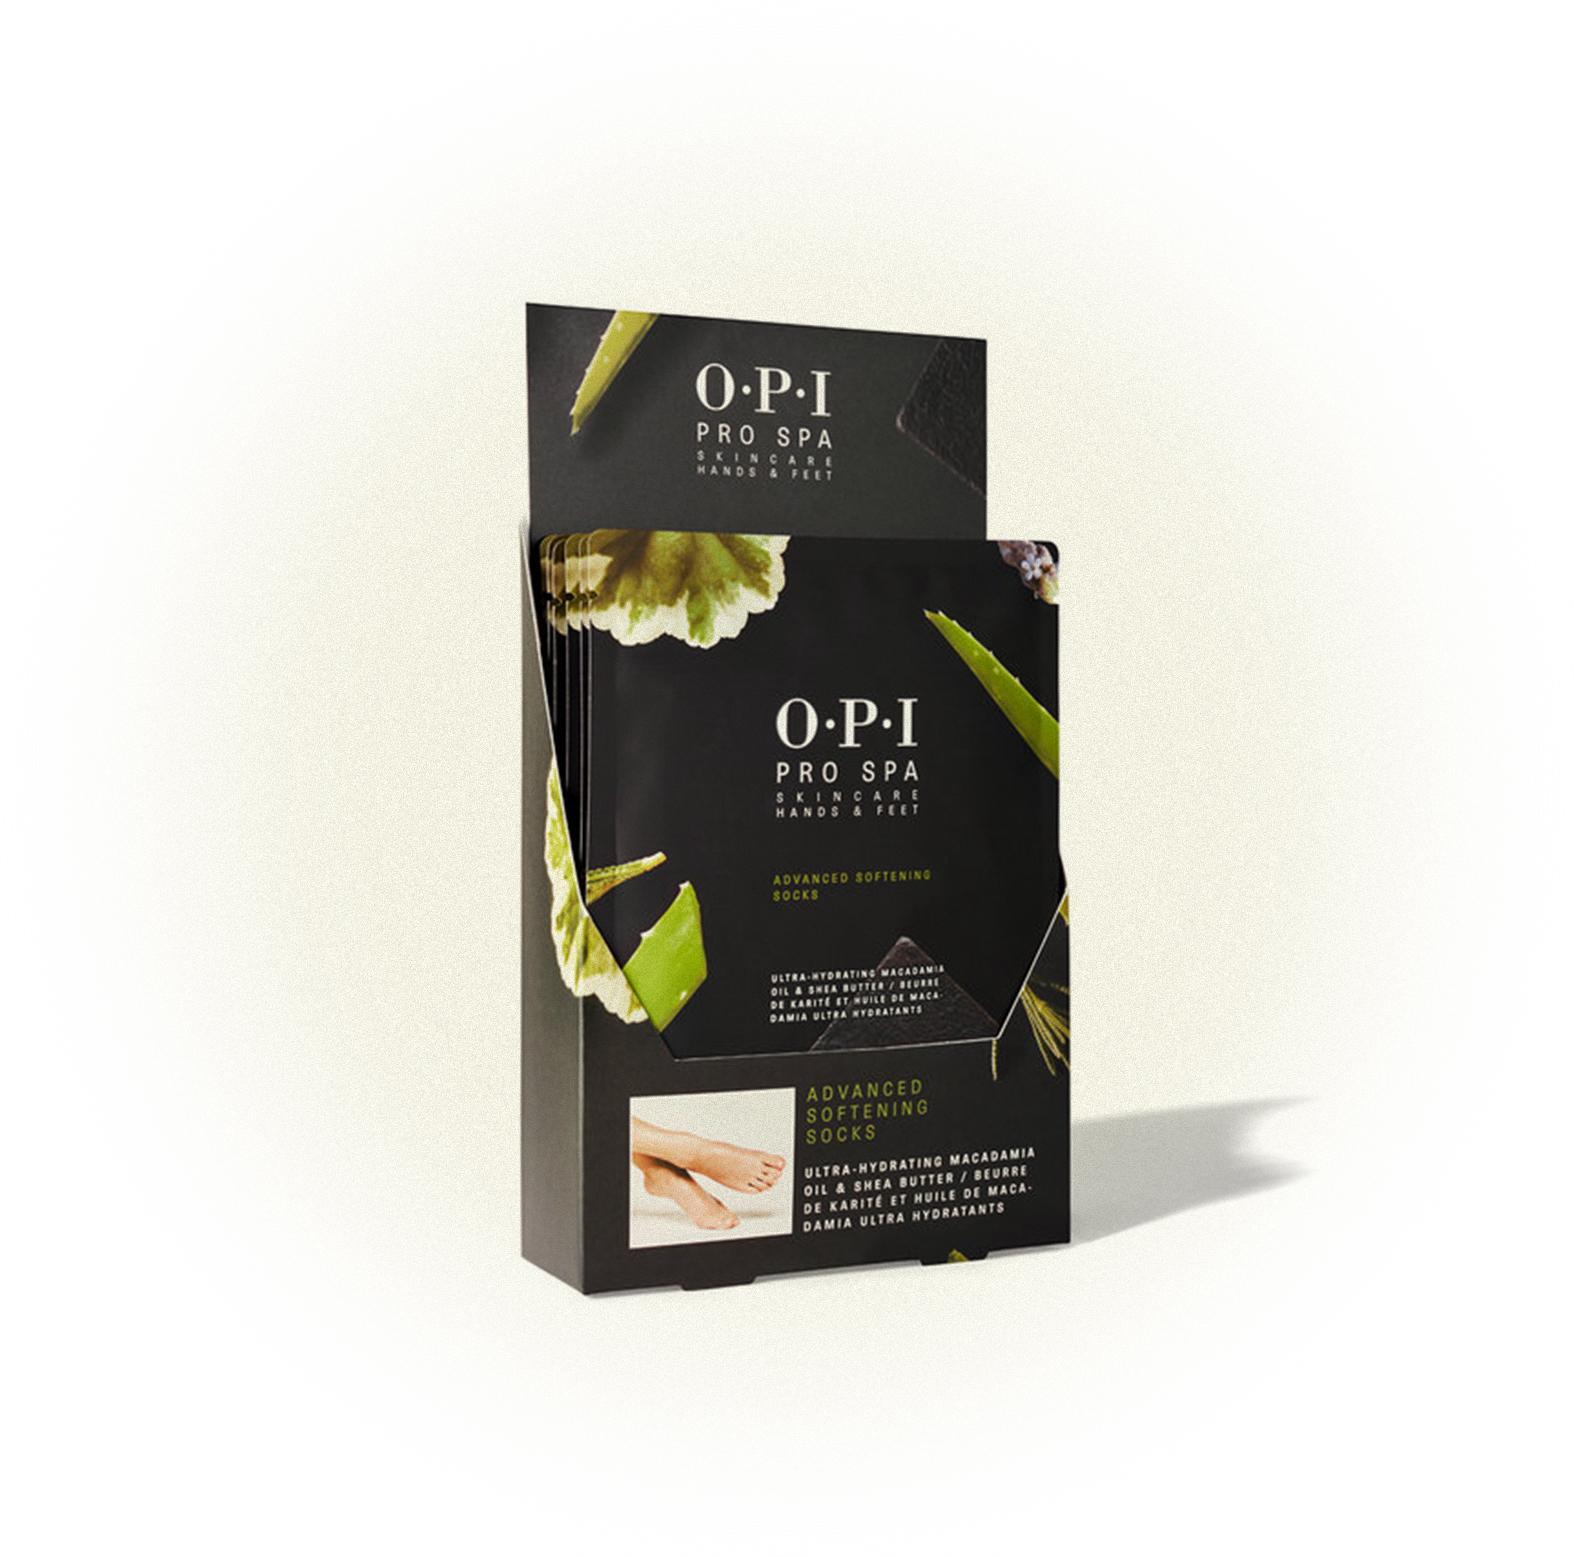 Advanced Softening Socks, OPI